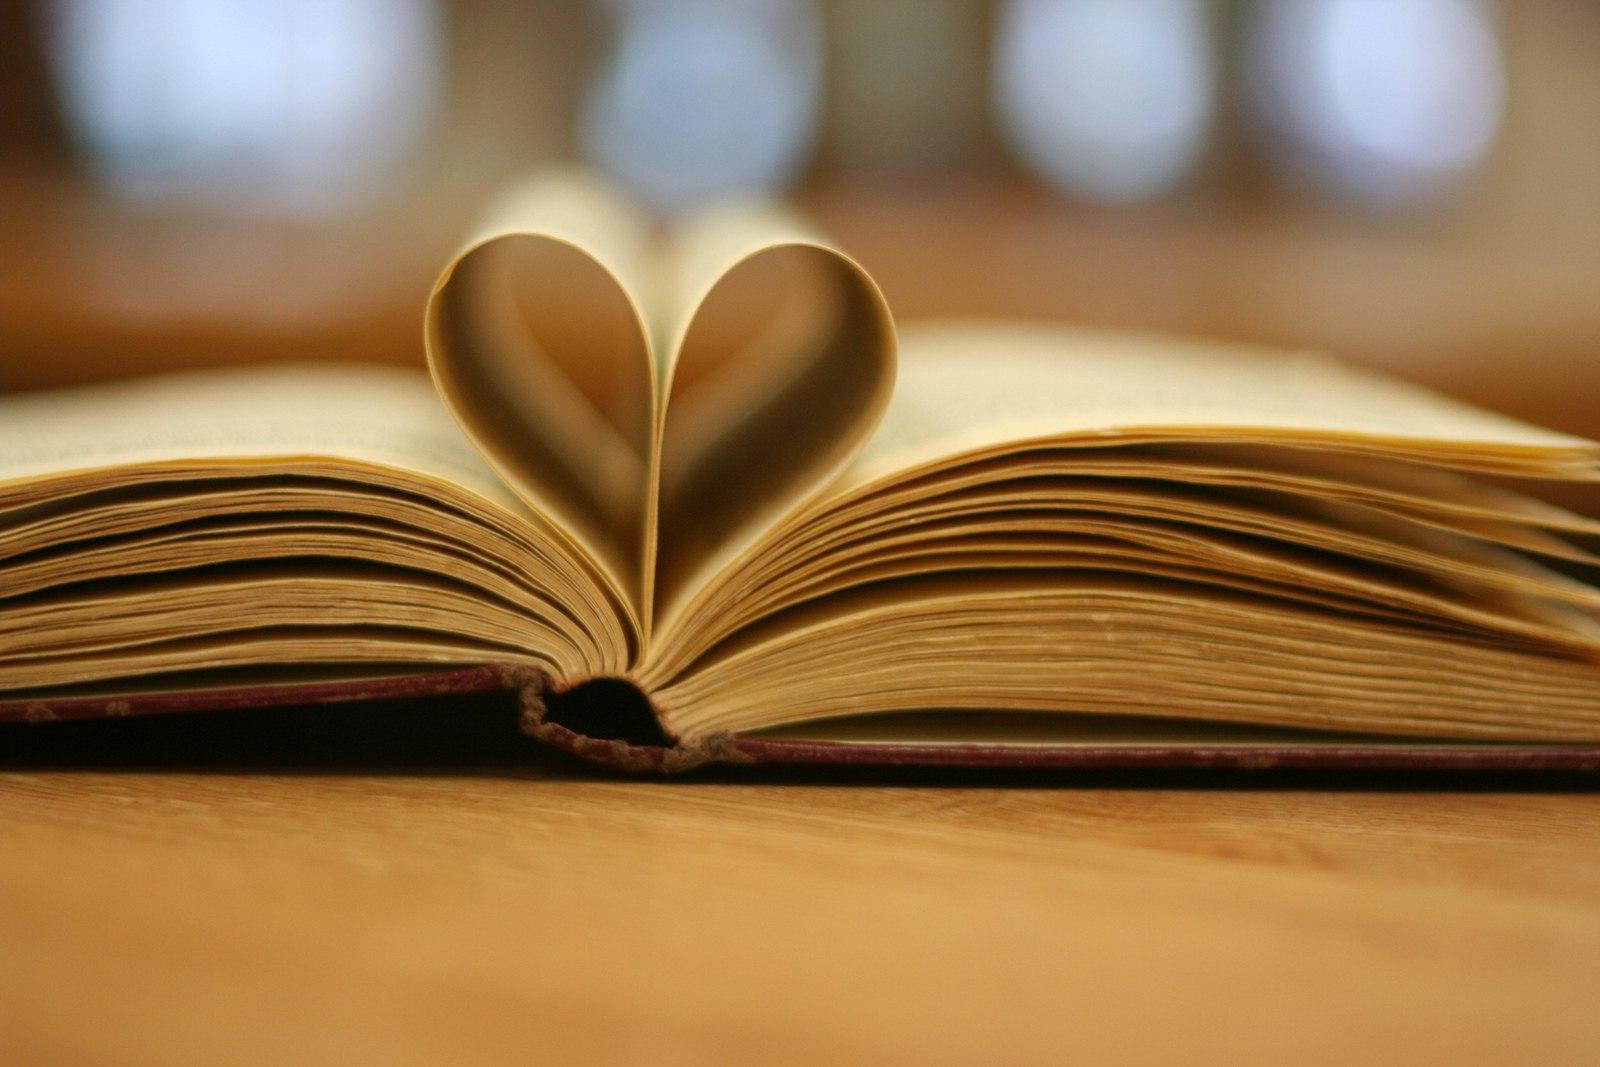 мурманской области картинки книг на аву здоровья добра этот